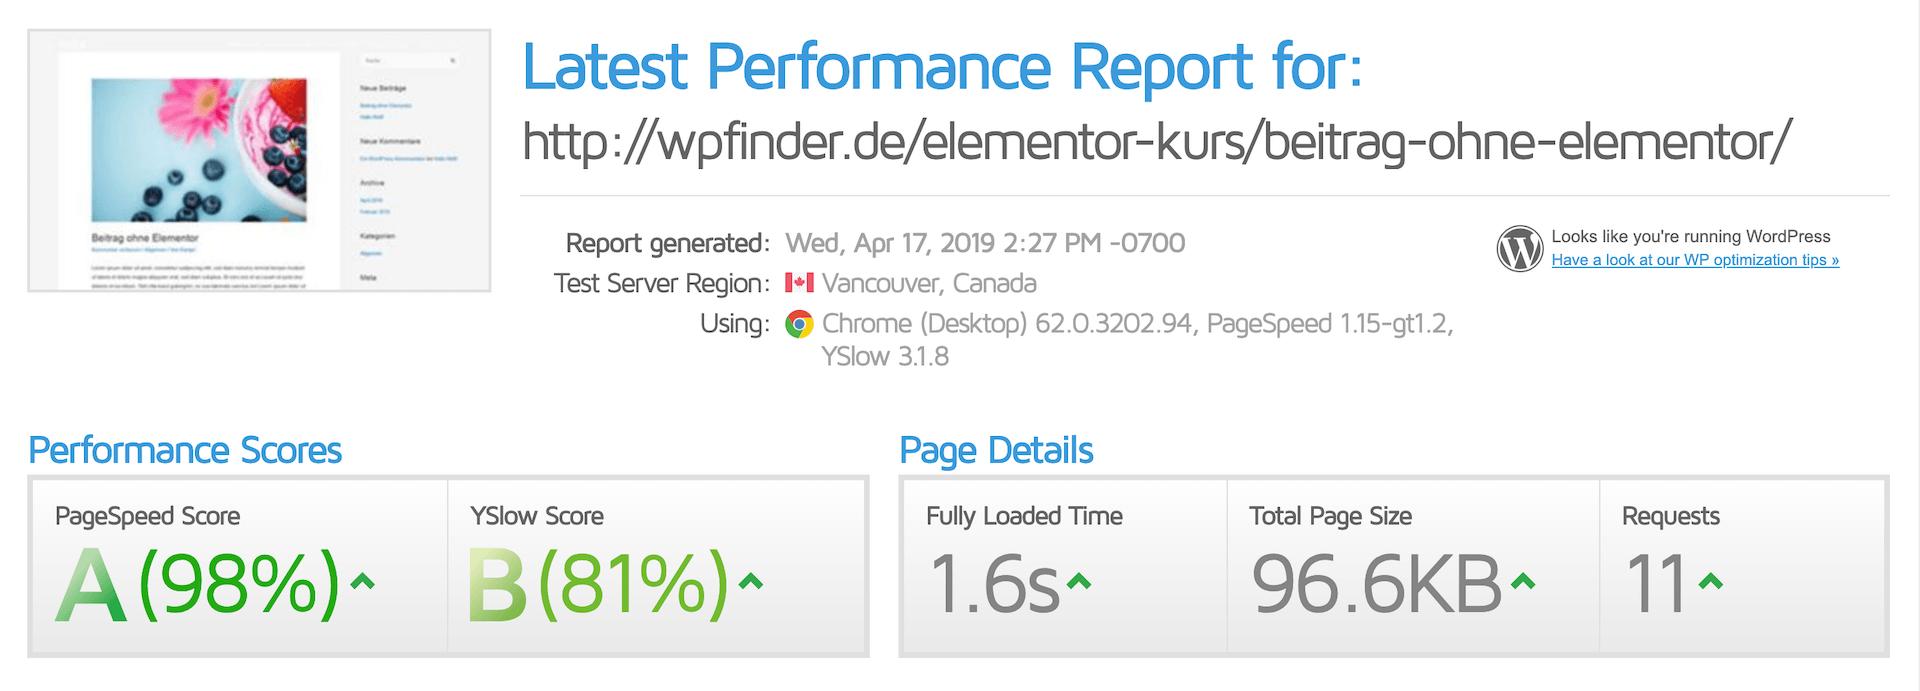 Beitrag ohne Elementor - Gute Performance